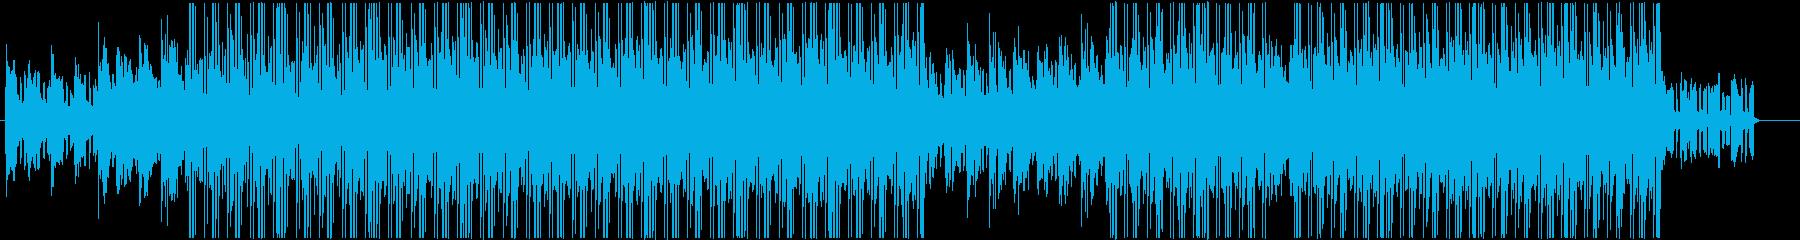 洋楽チルアウト、R&Bミッドテンポ♪の再生済みの波形